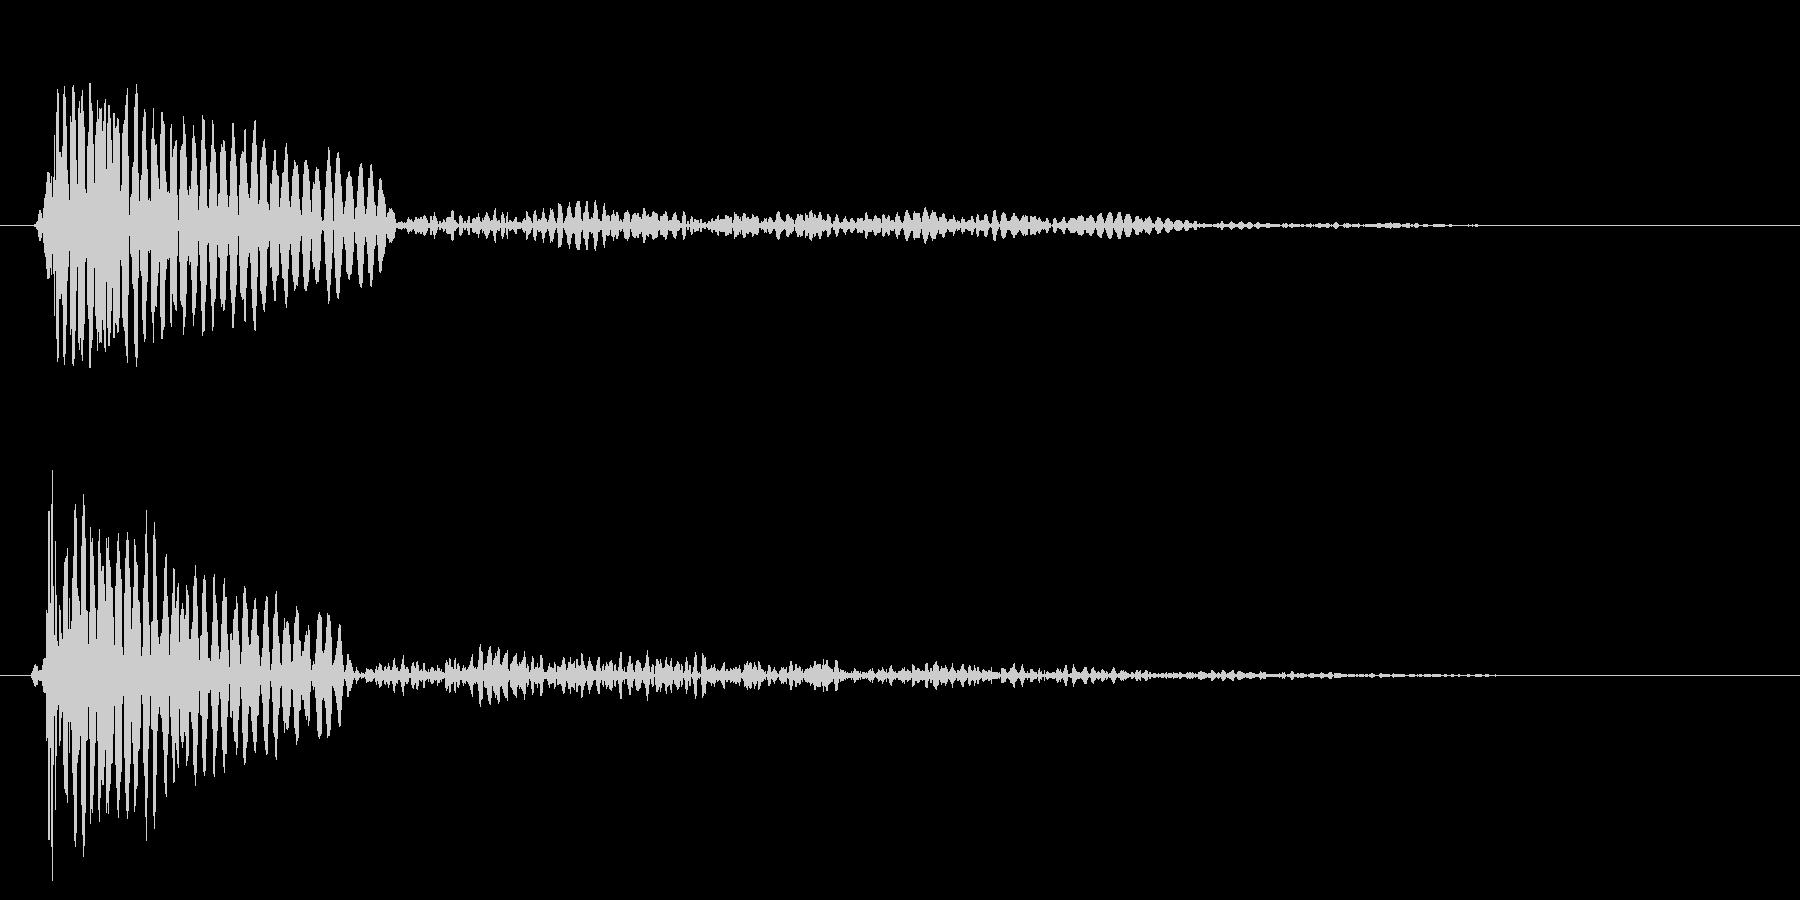 チュ〜ッ(小鳥のさえずり音・警戒音)の未再生の波形